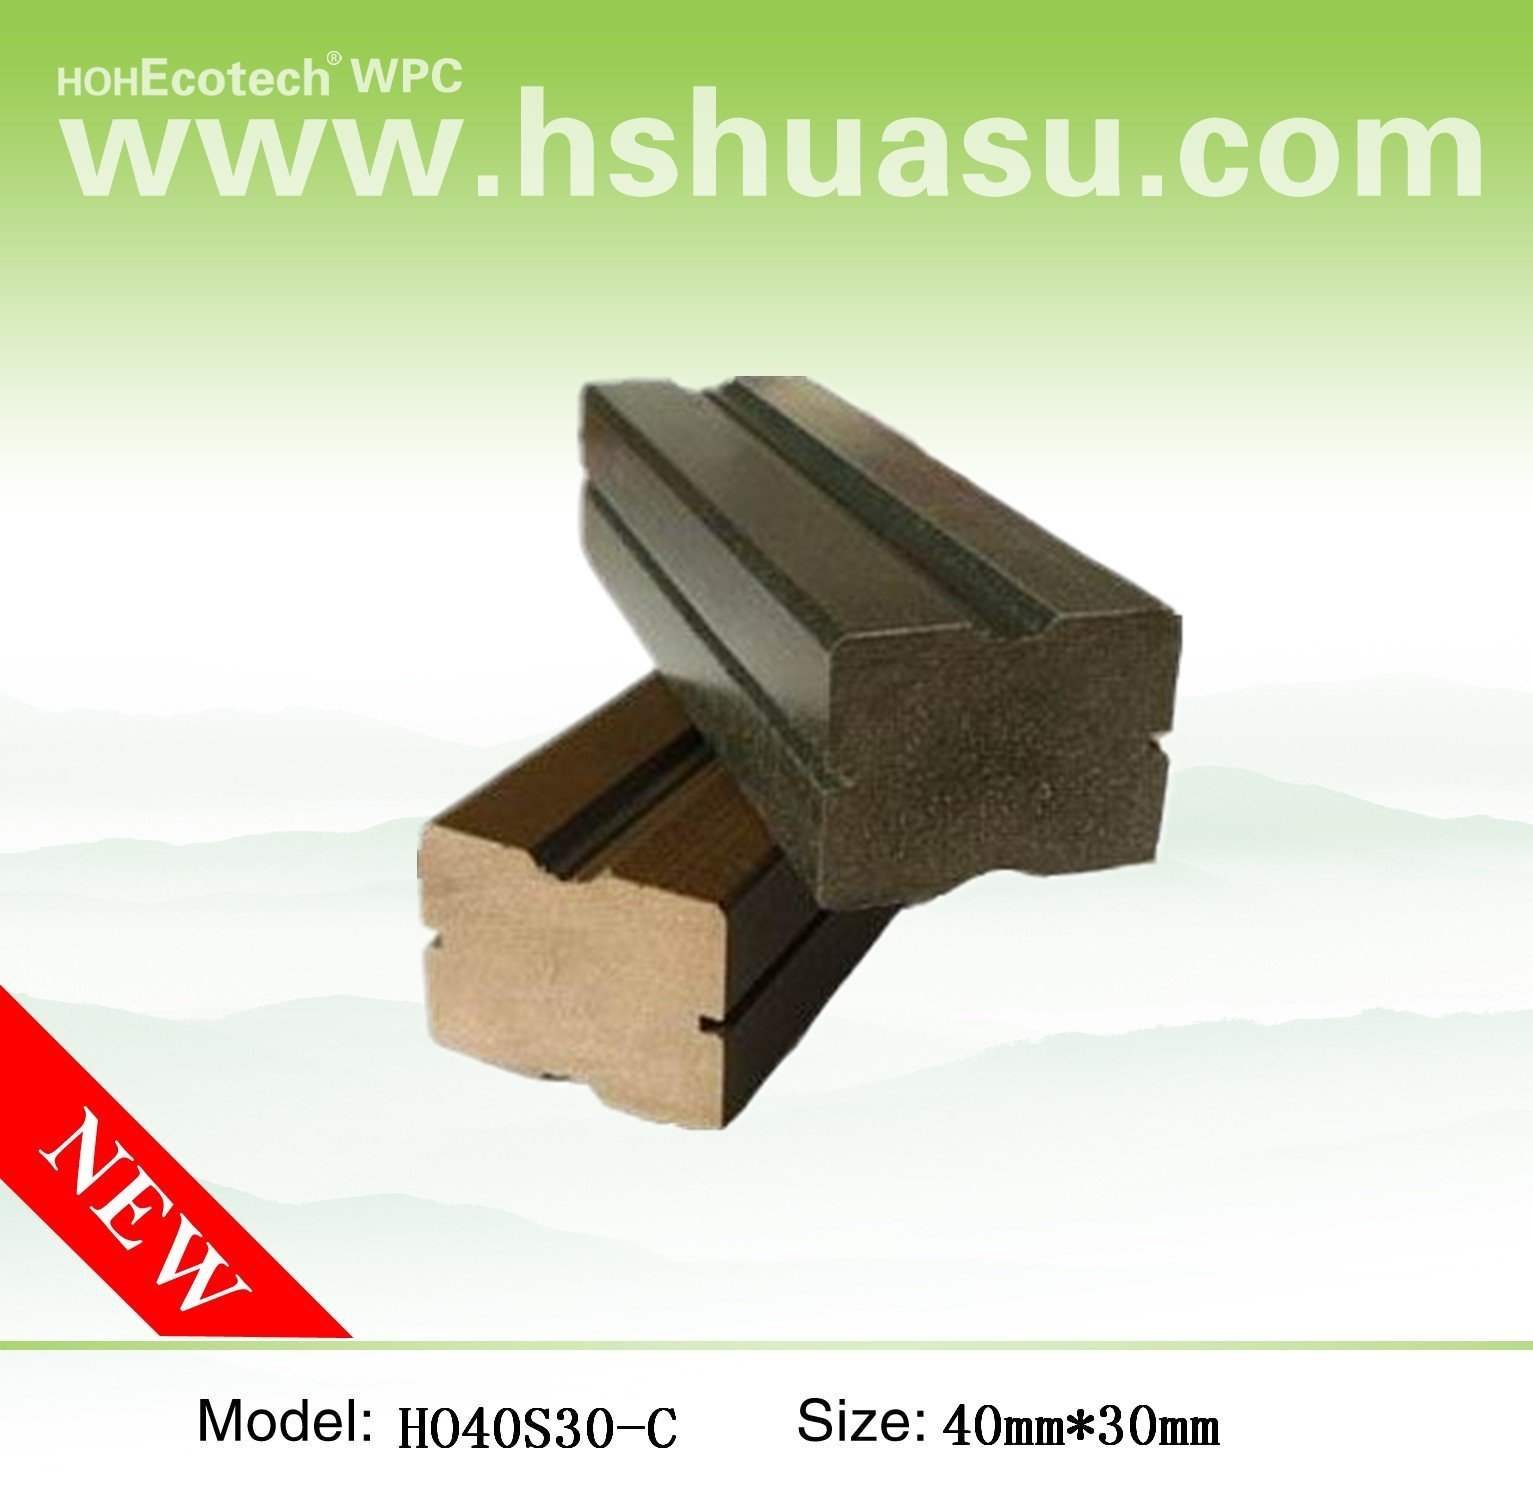 Joist_ de solide de HD40S30-C